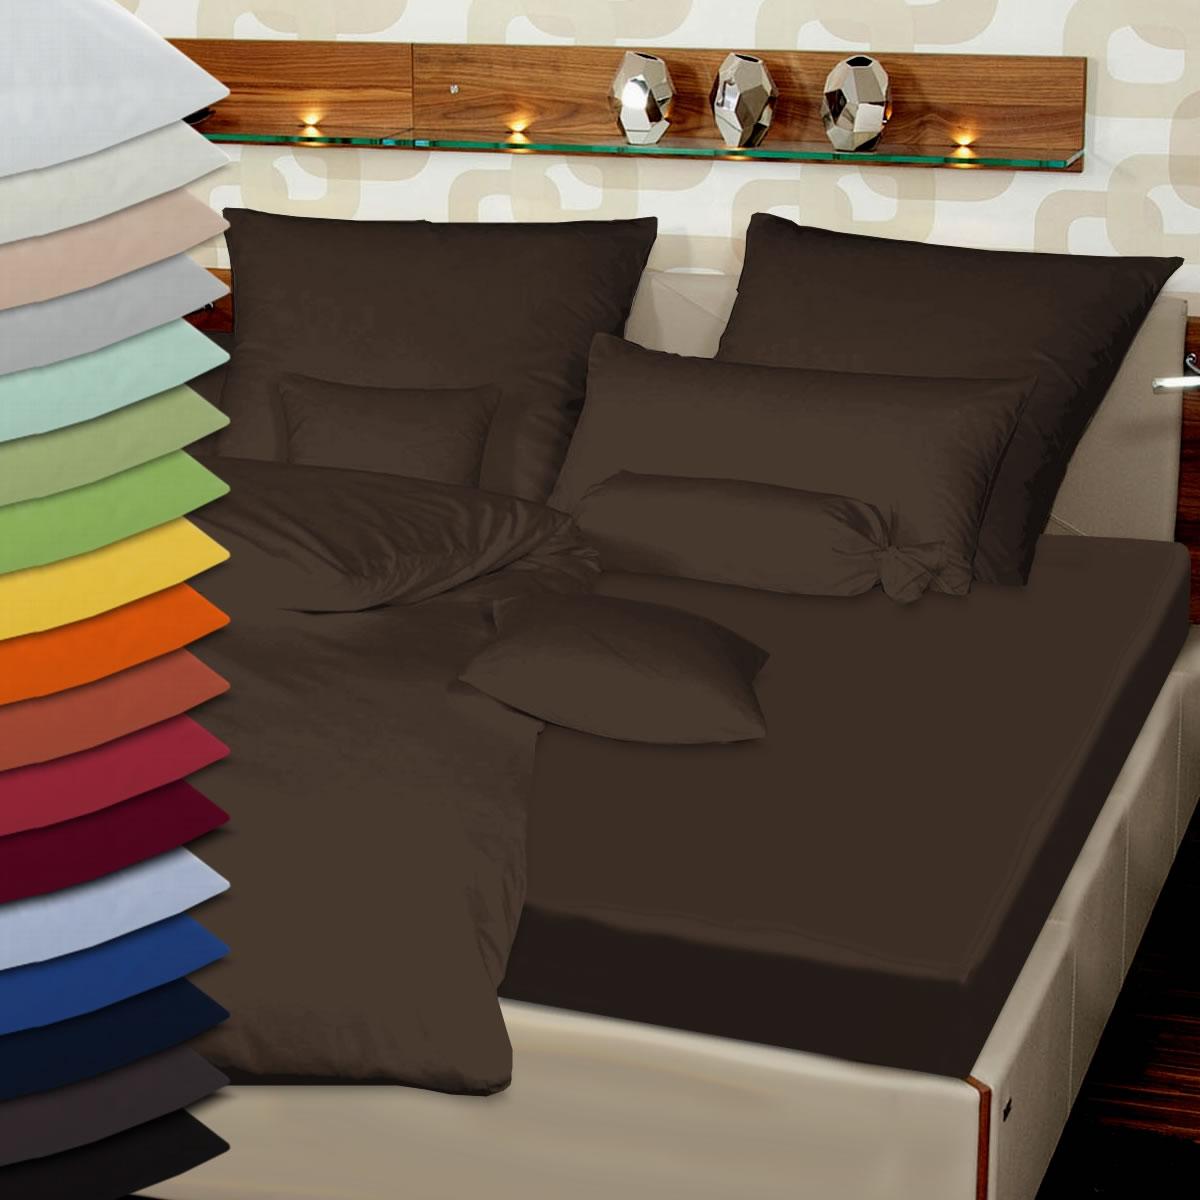 soniodoro allegro spannbetttuch interlock microfaser spannbettlaken. Black Bedroom Furniture Sets. Home Design Ideas